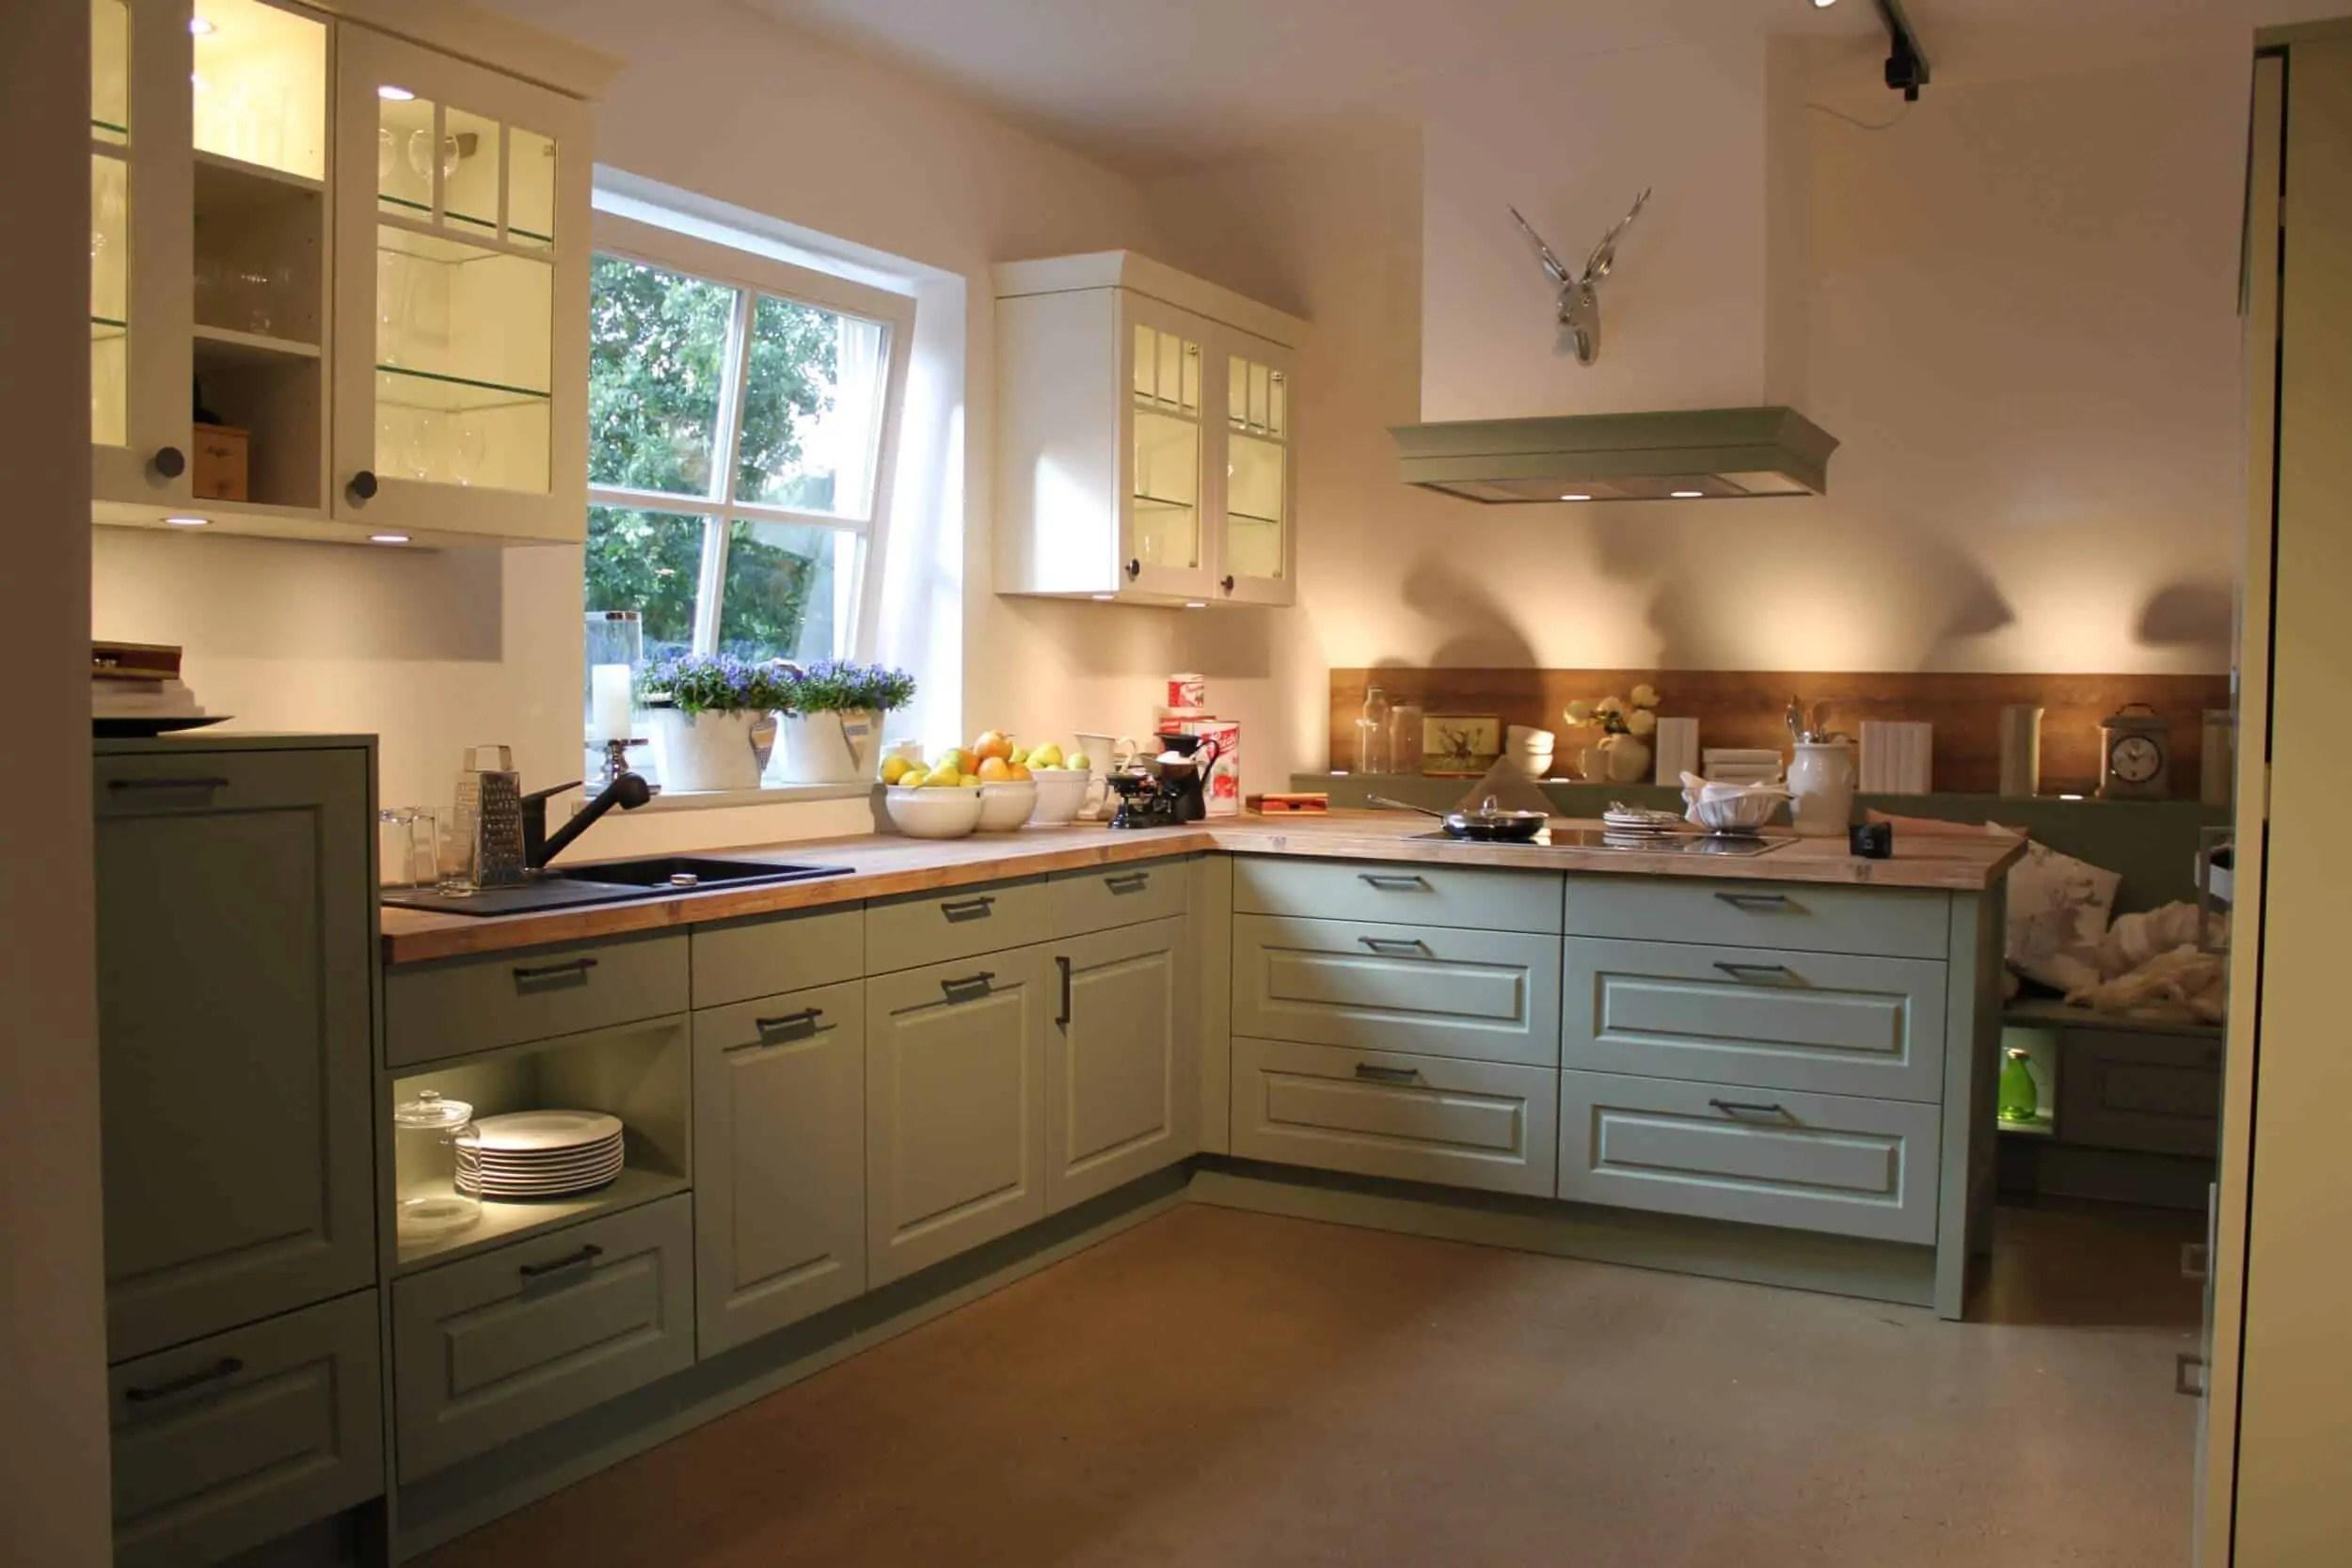 Miniküche Mit Kühlschrank Möbel Boss : Miniküche mit kühlschrank möbel boss singleküche miniküchen